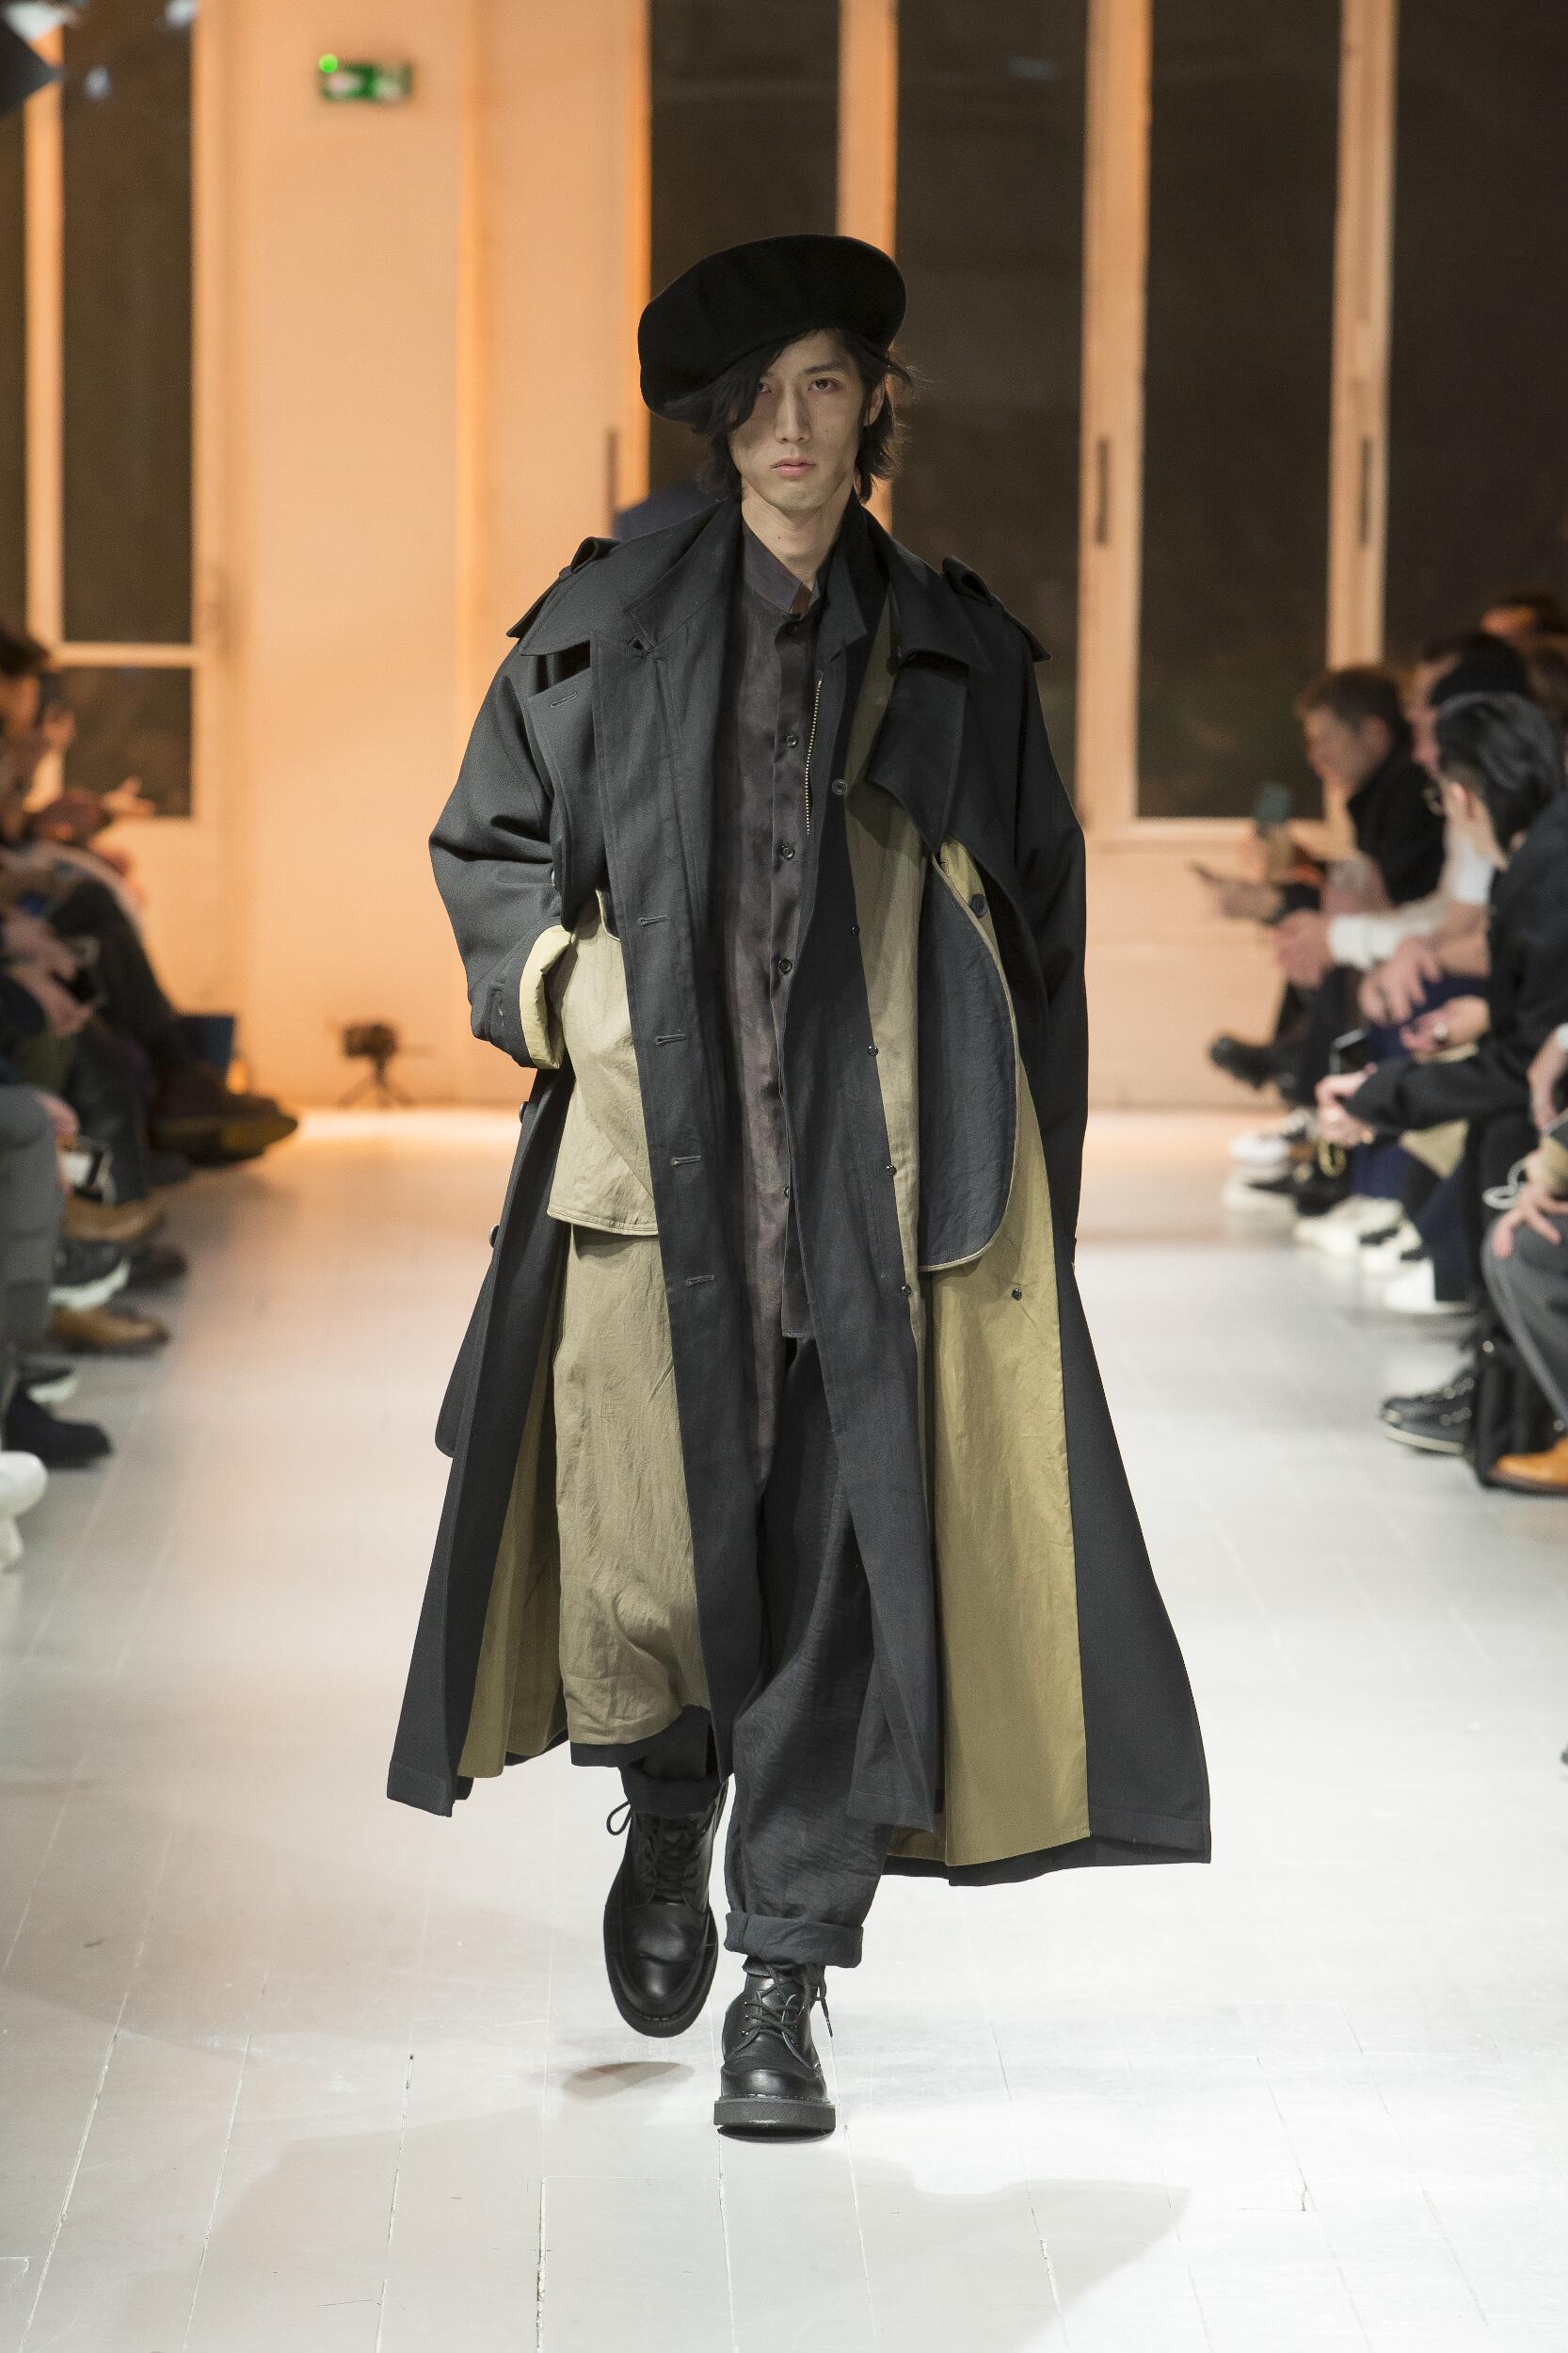 FW 2020-21 Yohji Yamamoto Fashion Show